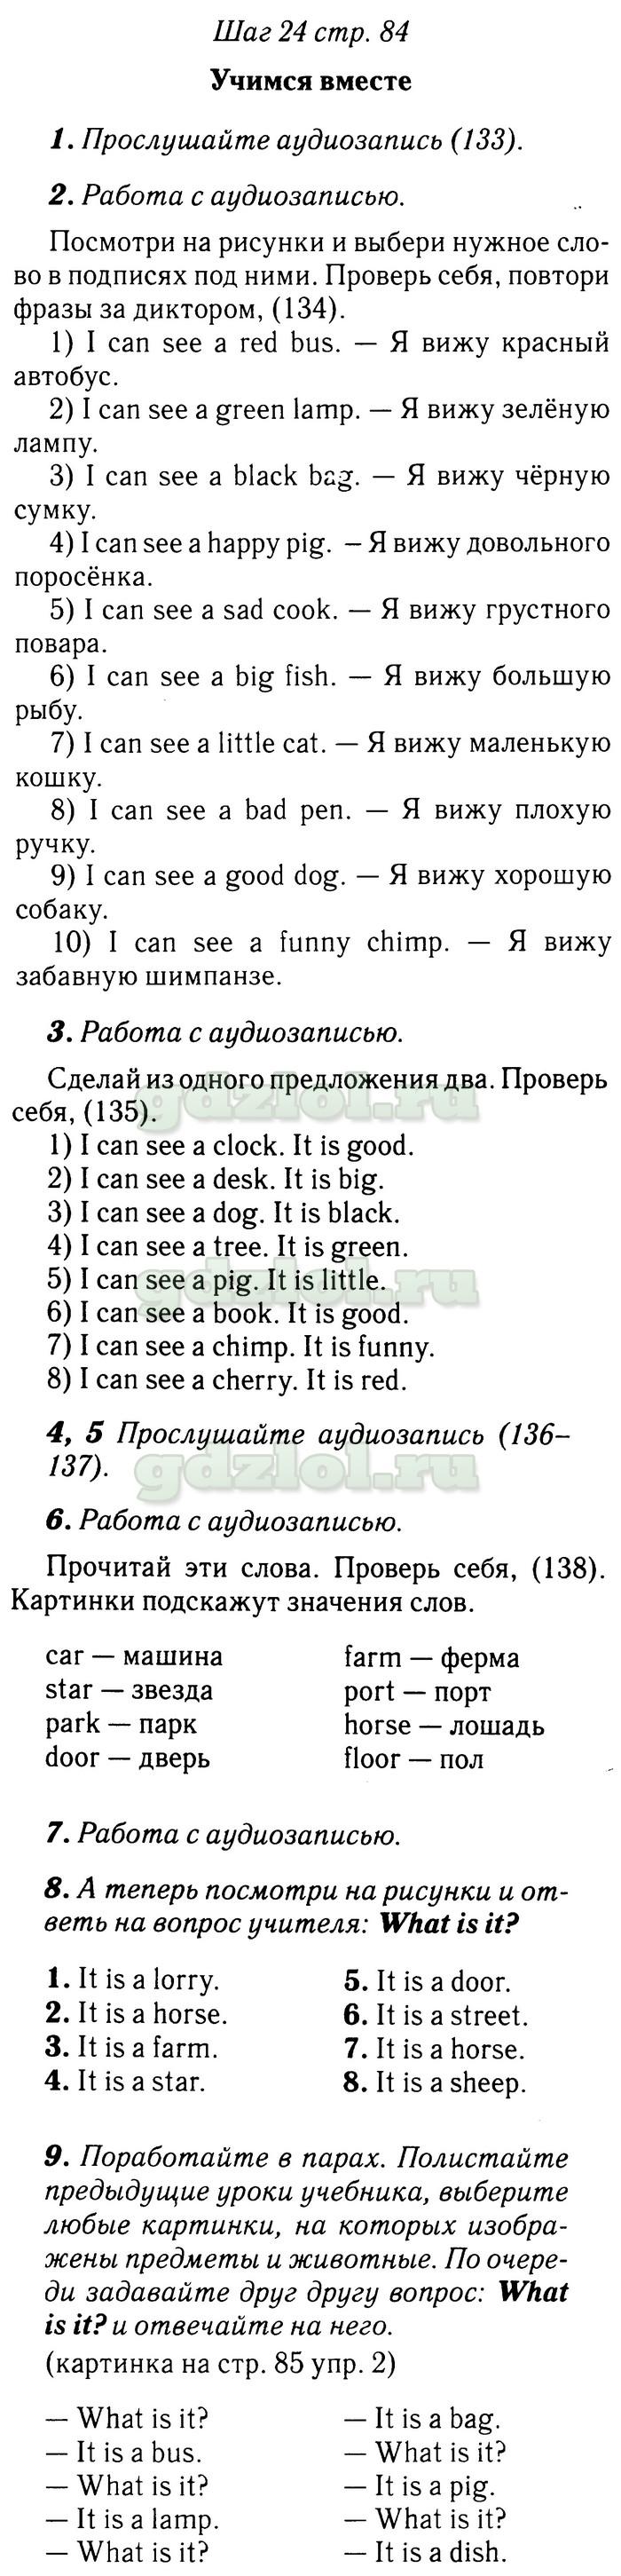 английский язык стр 26 упр 1